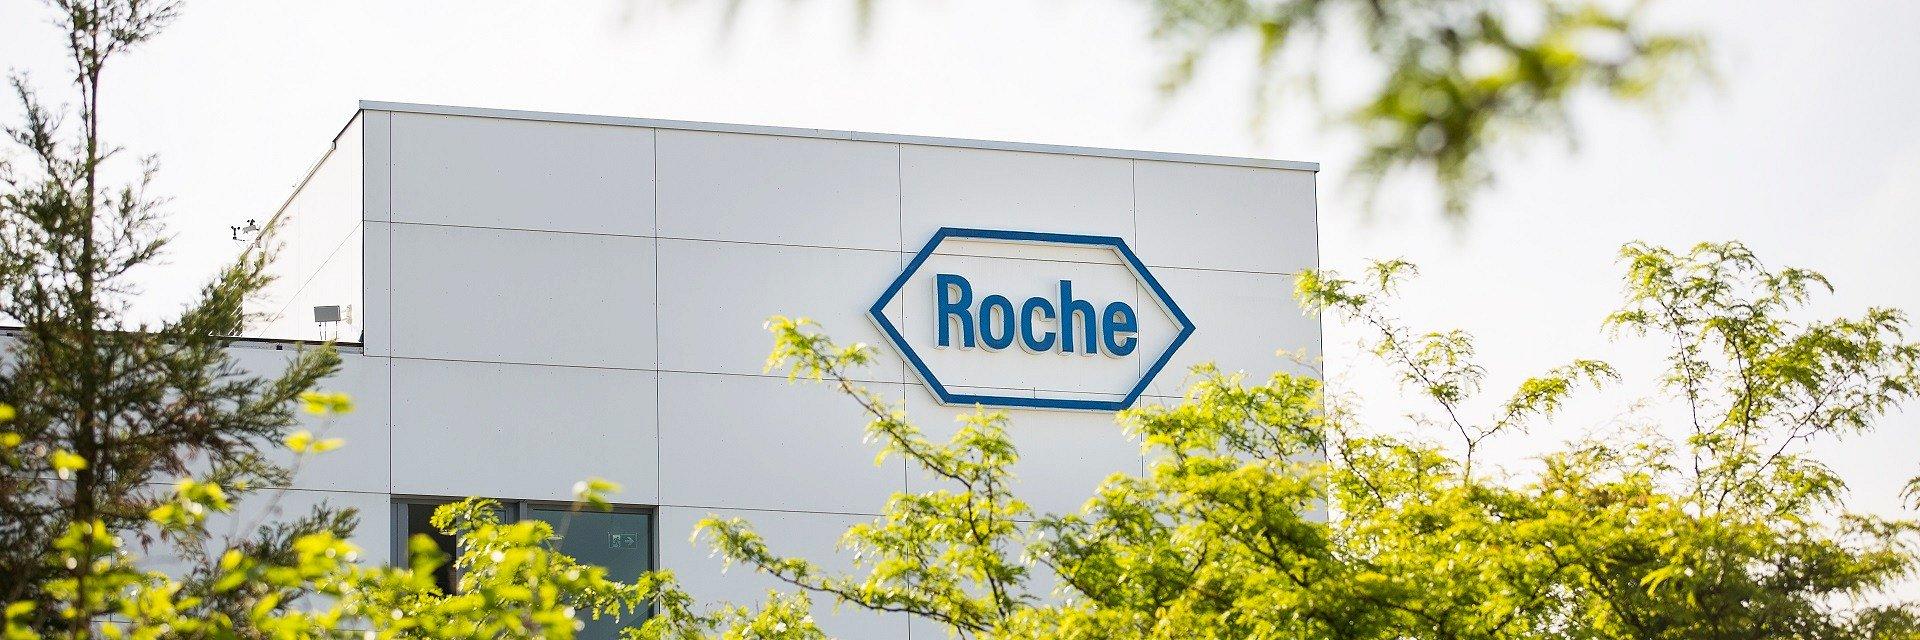 Stanowisko firmy Roche Polska dot. zmian w programie lekowym raka jelita grubego